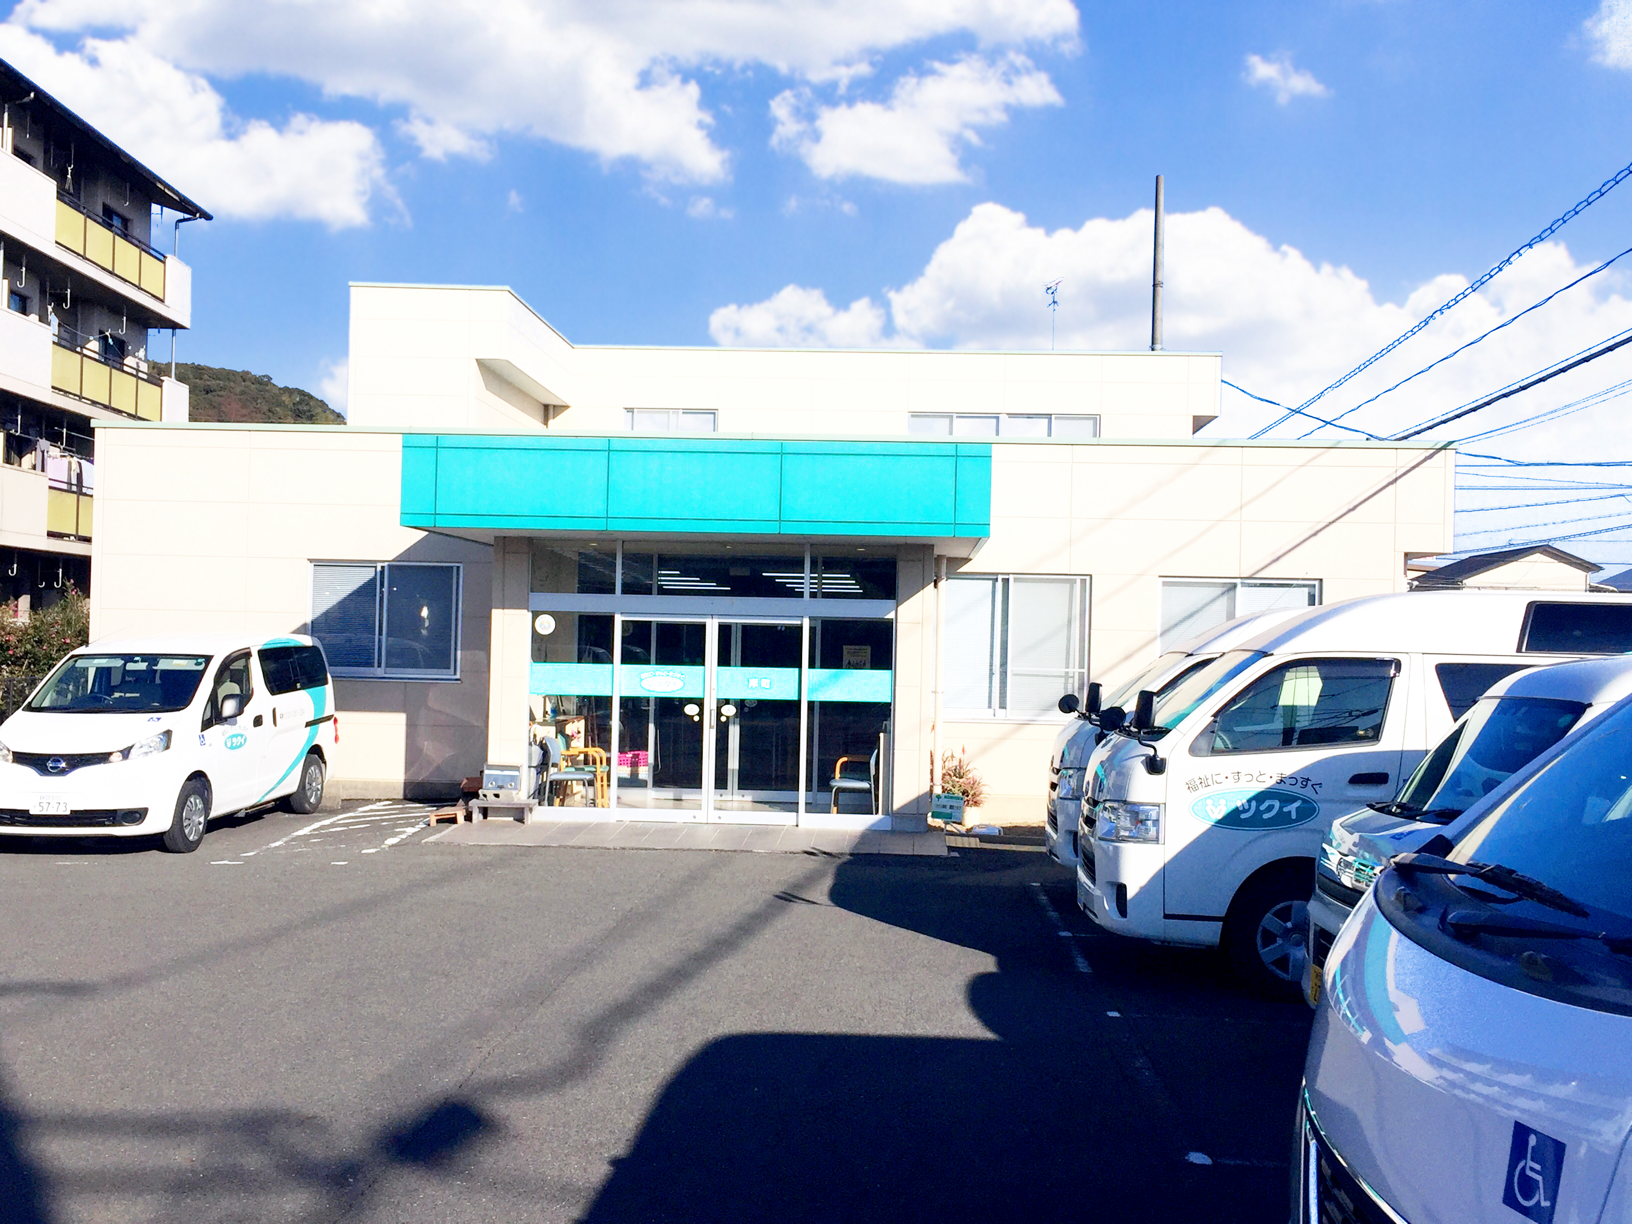 【パート】日勤のみのデイサービスのお仕事です! 土日祝日は手当も付きます!|静岡県島田市 イメージ